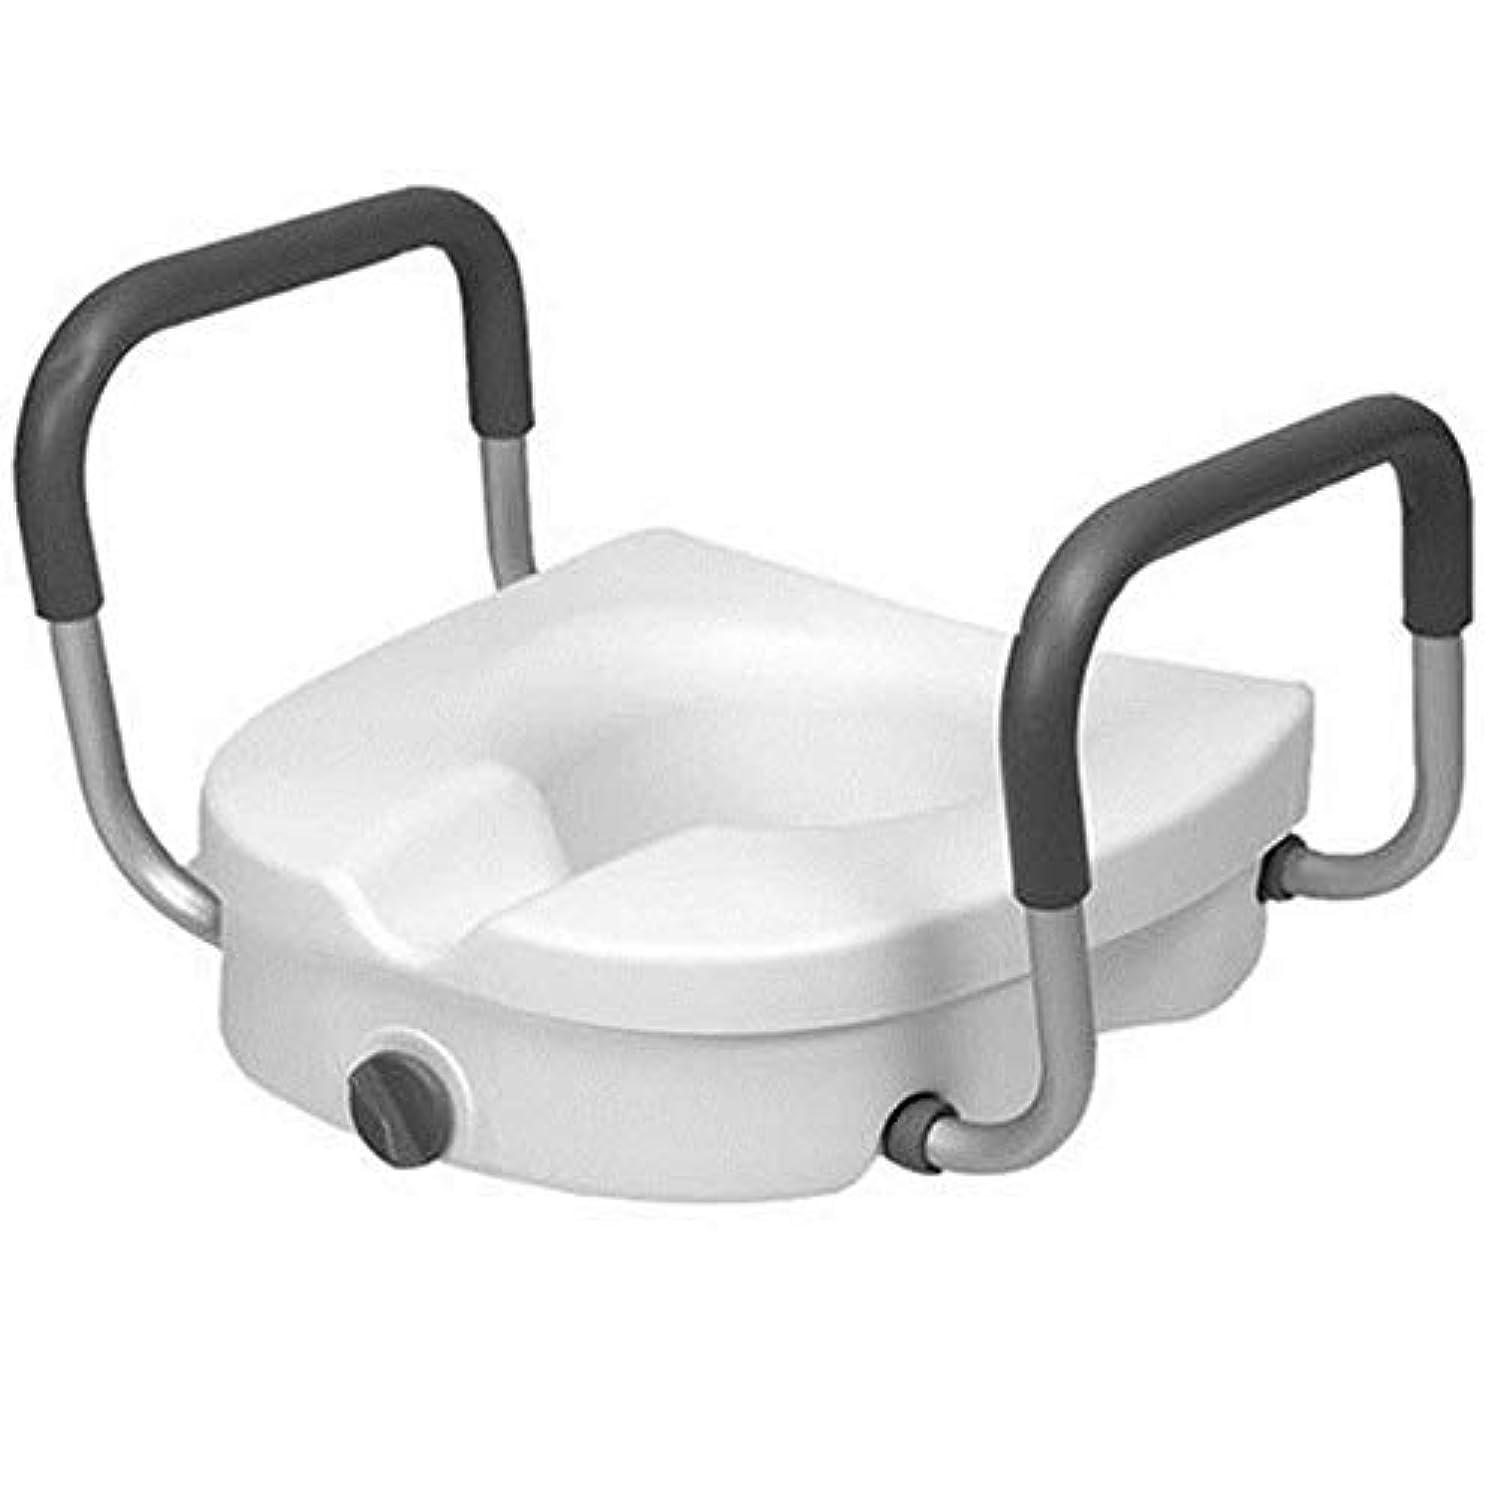 興奮部分的にとげArmrestの洗面所のブースター、洗面所の手すりのArmrestが付いている調節可能な便座